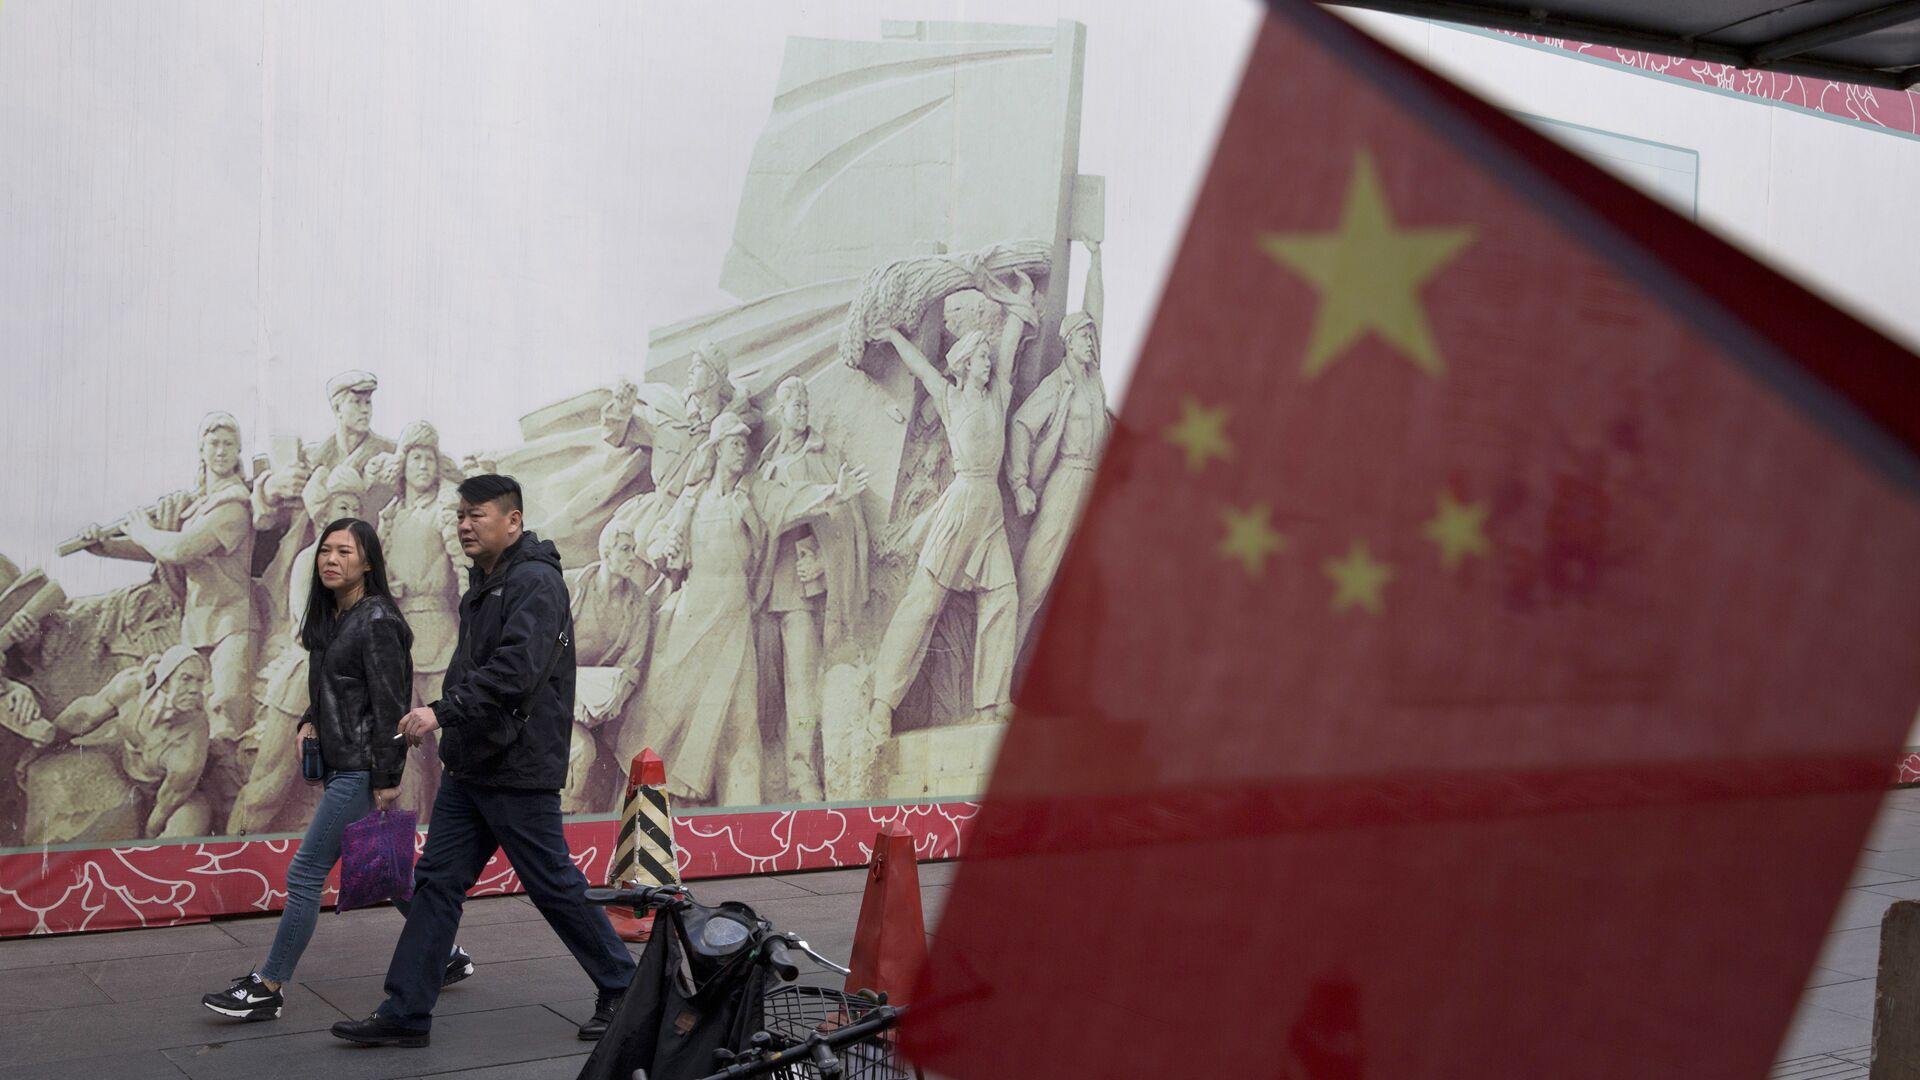 Покупатели в торговом центре в Пекине, КНР - РИА Новости, 1920, 17.02.2021